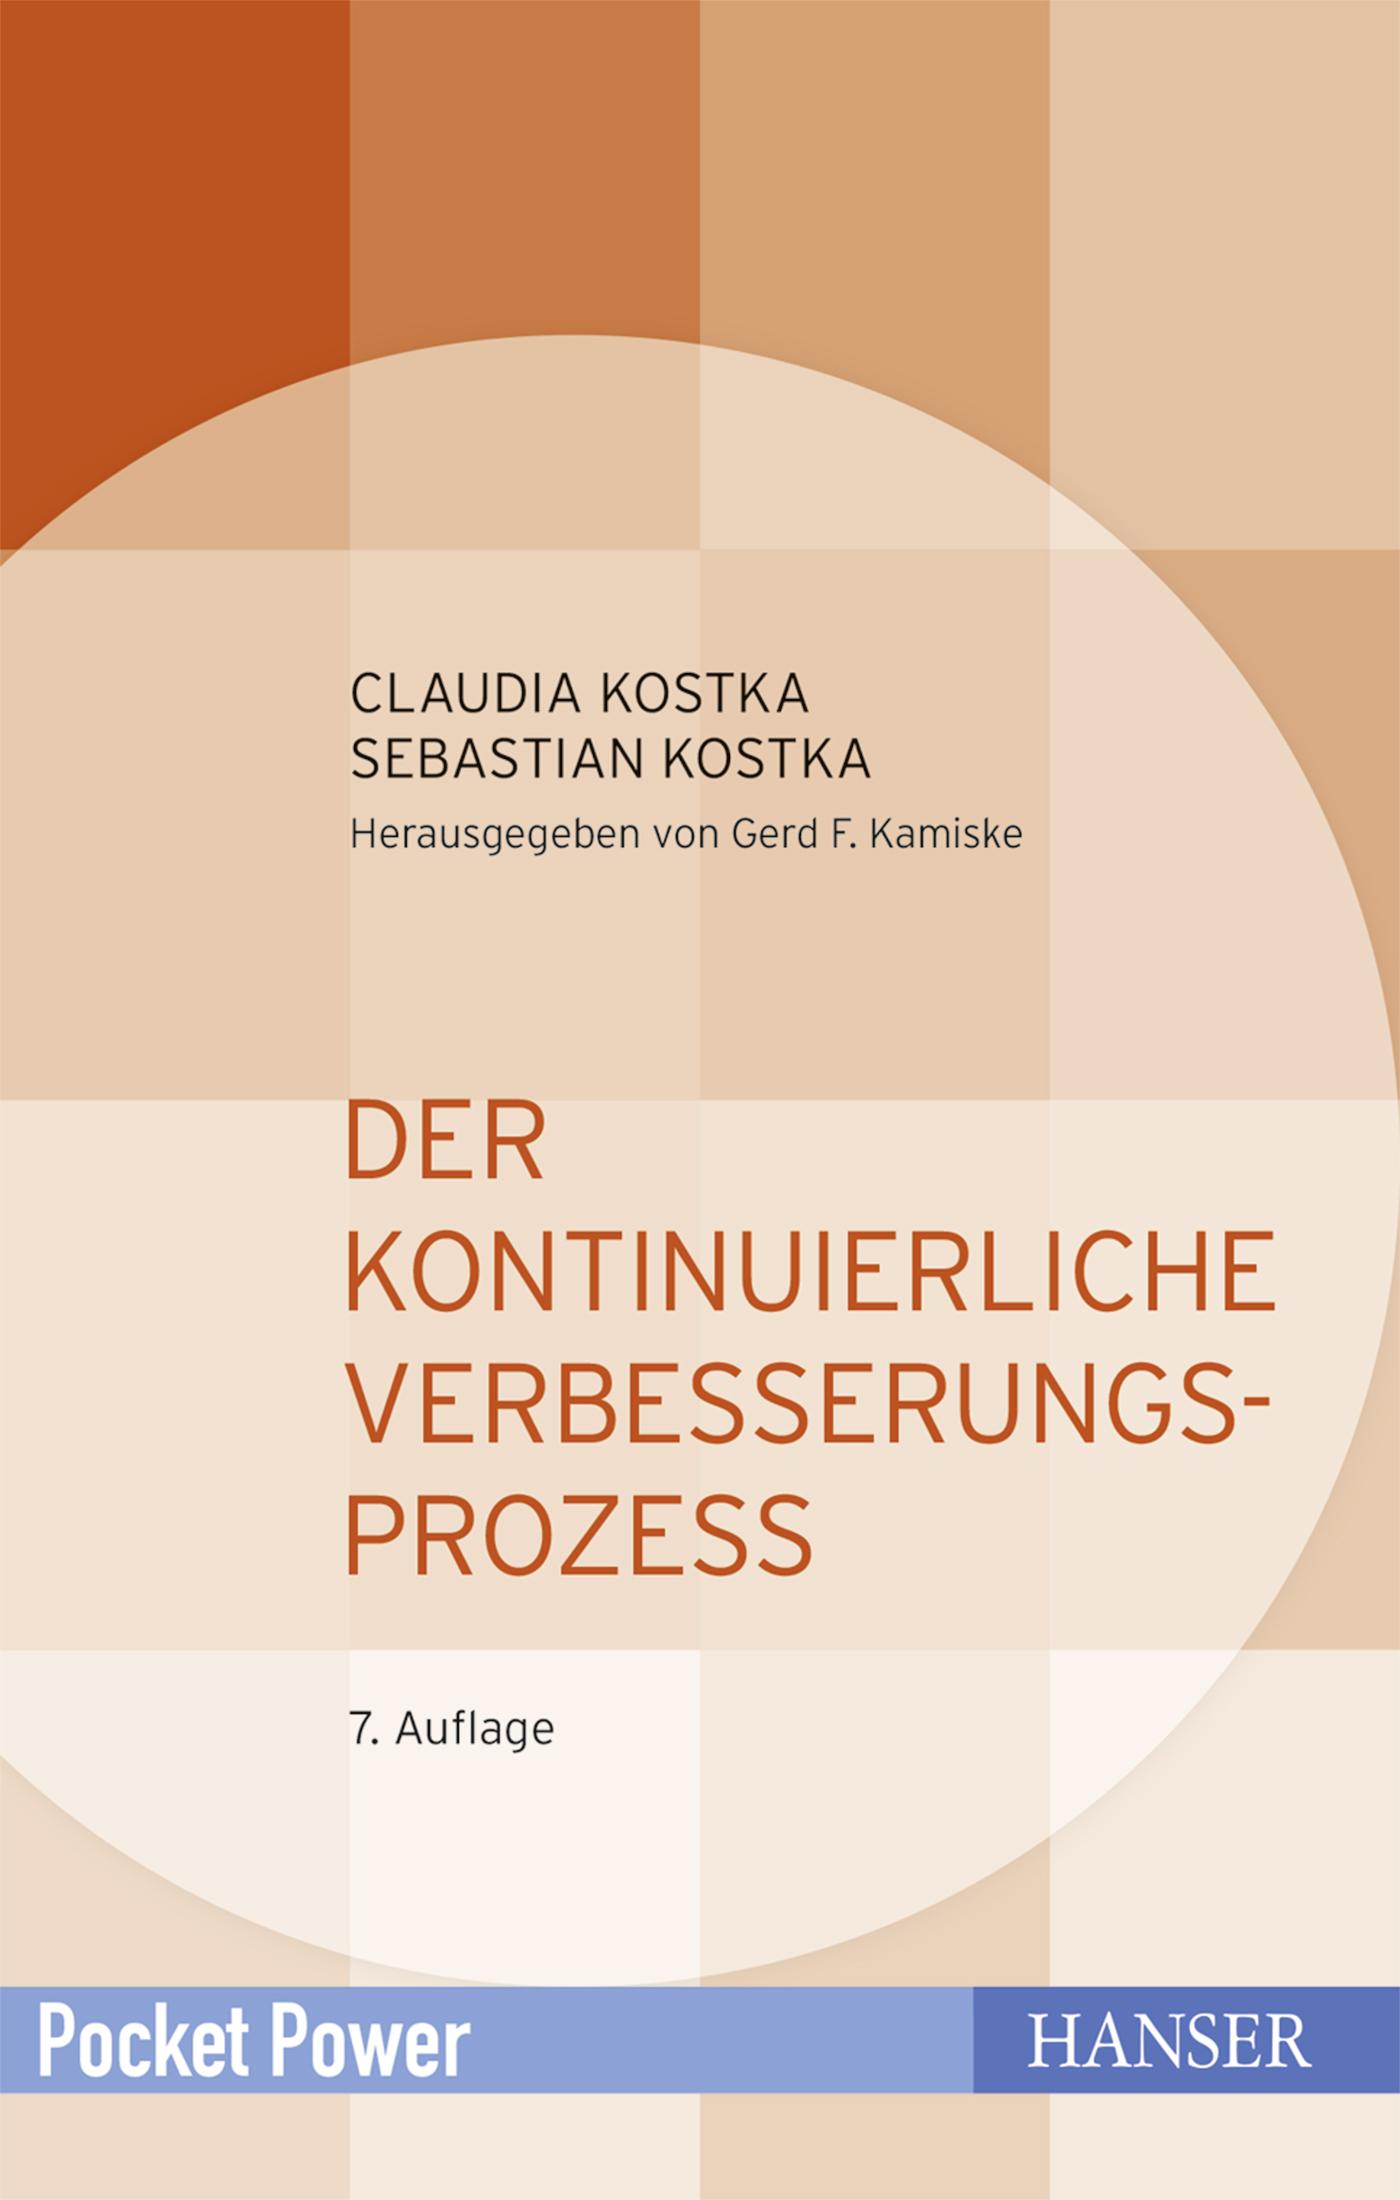 Kostka, Kostka, Der Kontinuierliche Verbesserungsprozess, 978-3-446-44659-5